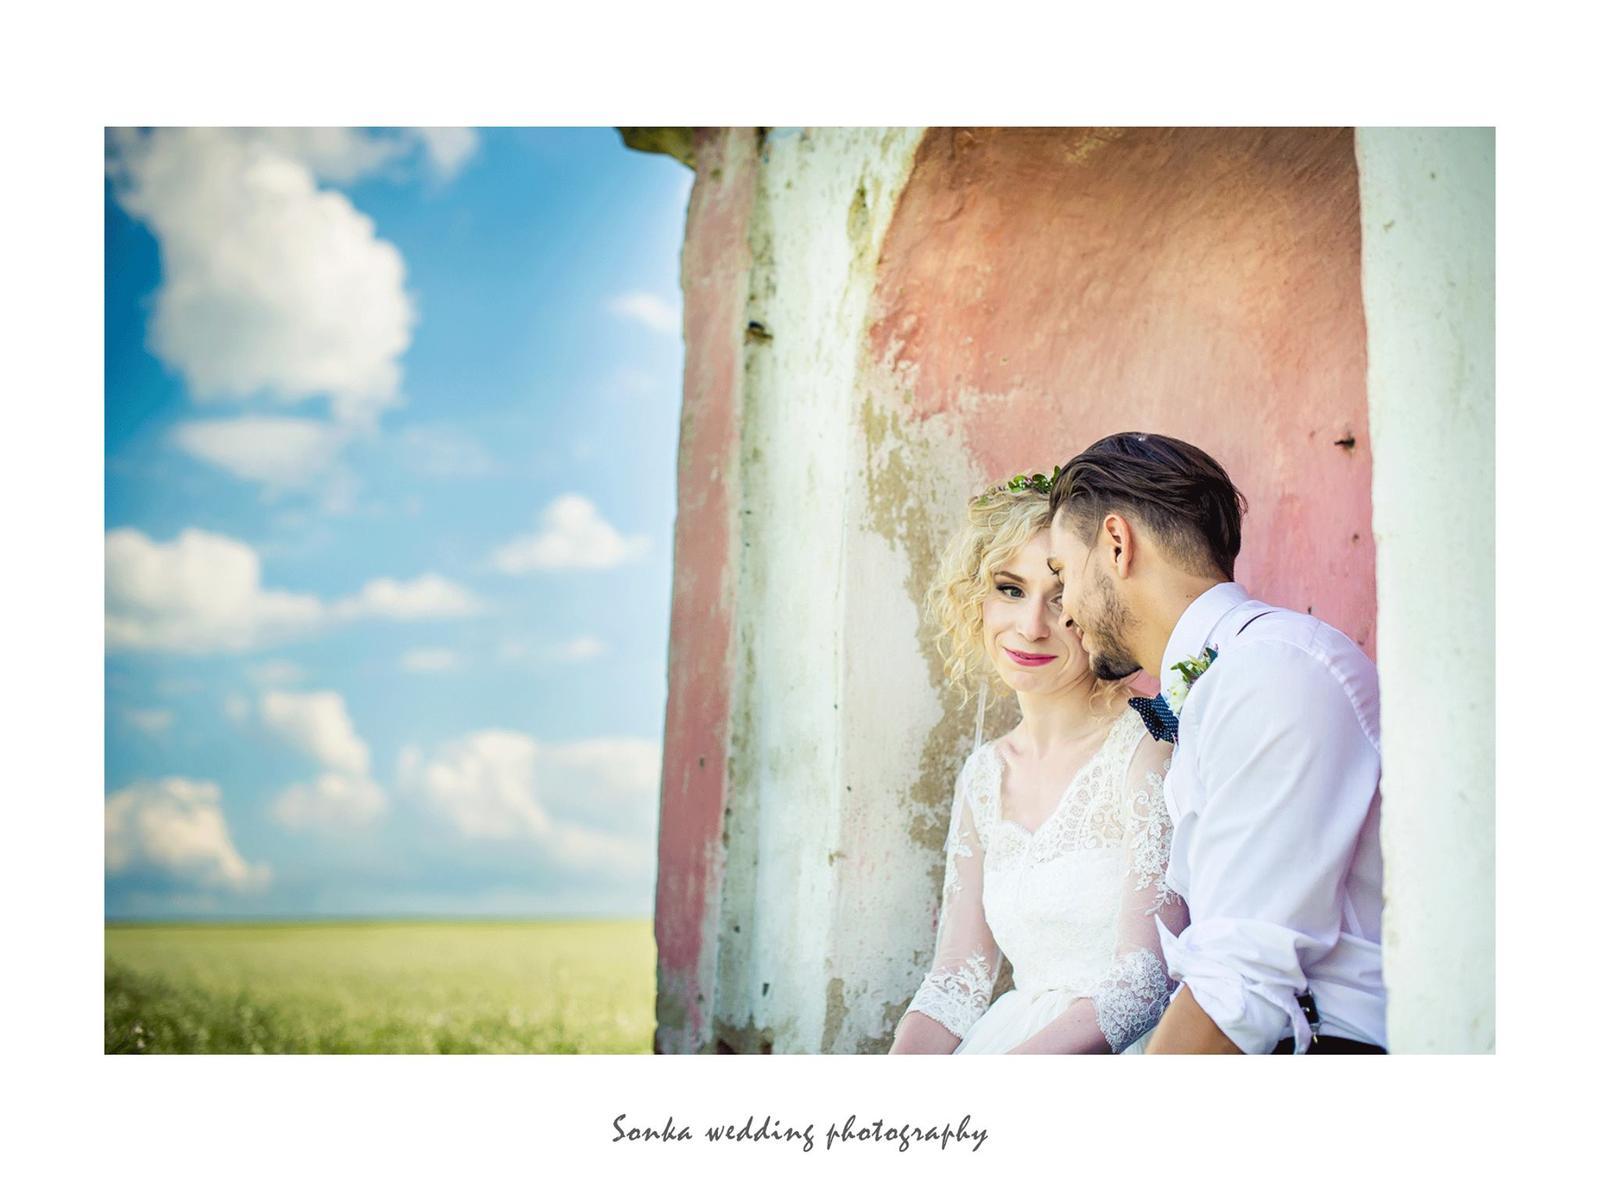 Wedding photography - Obrázek č. 2